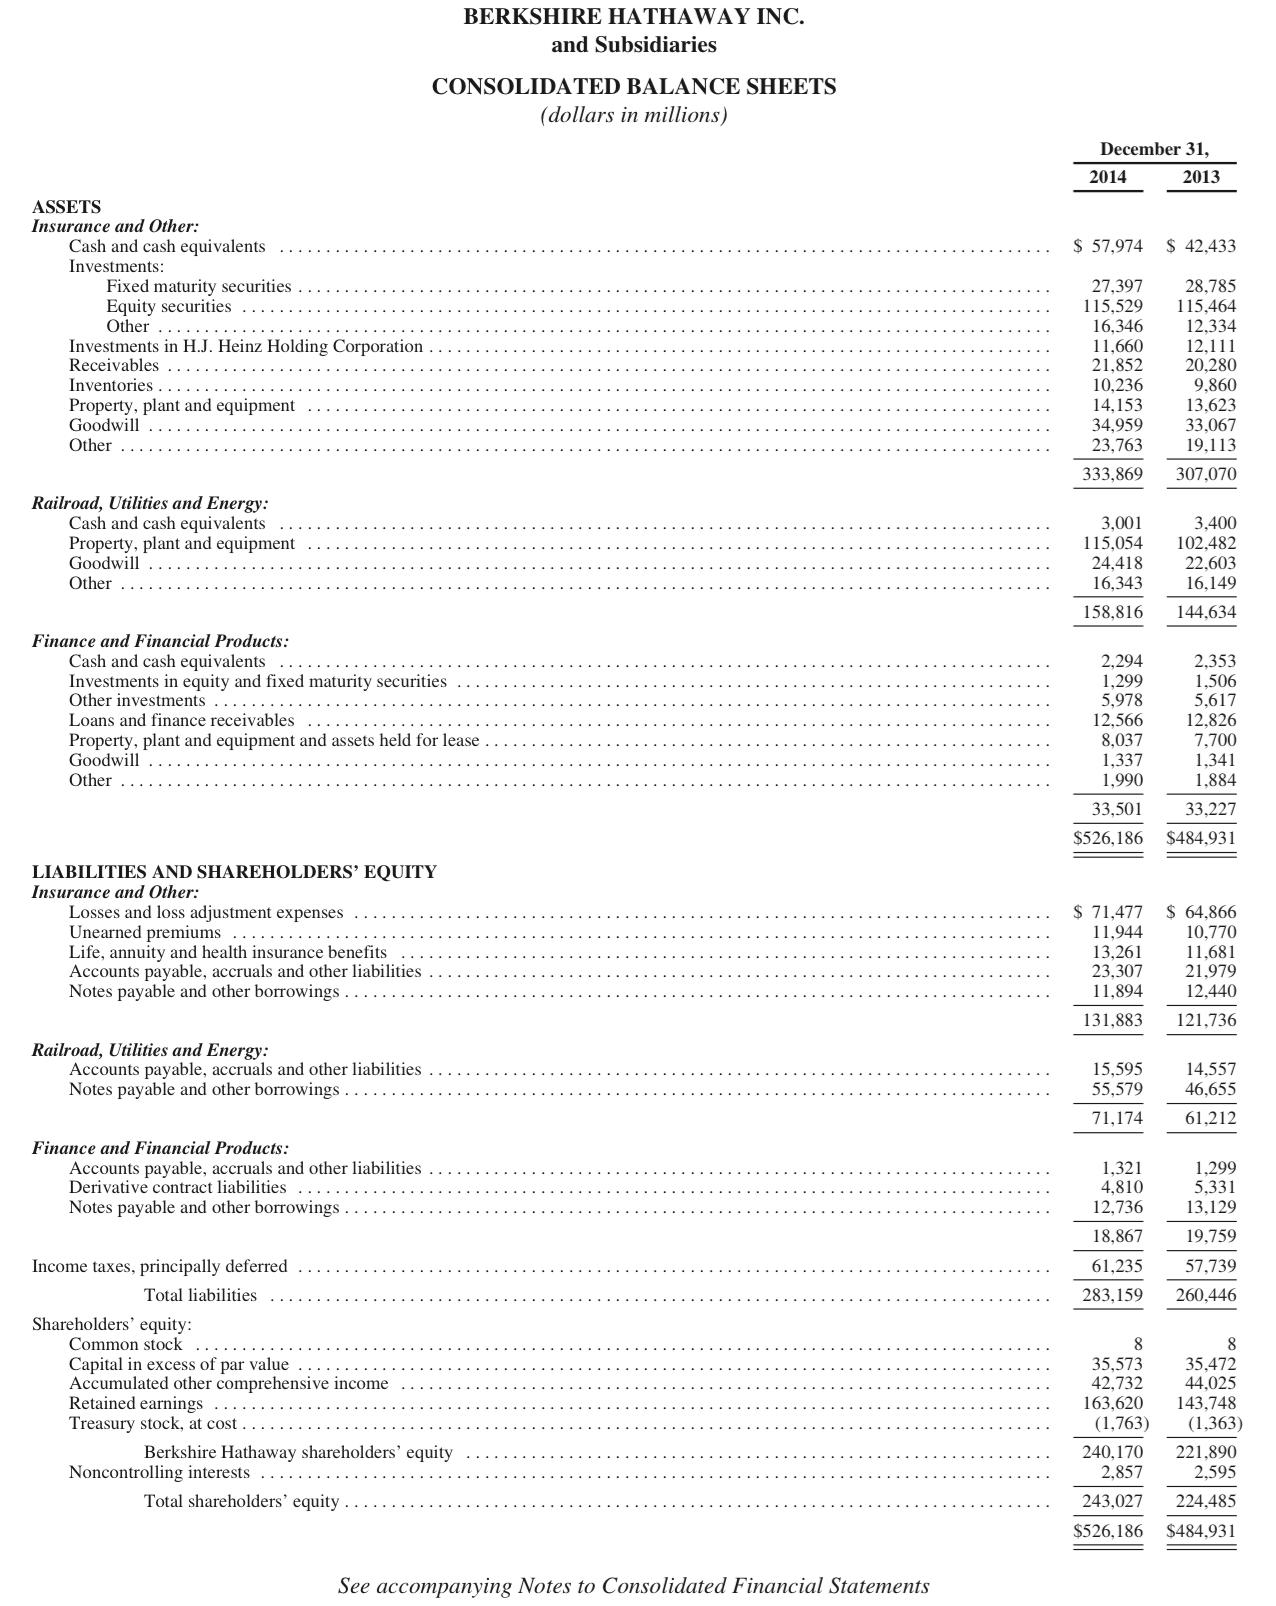 BRK Balance Sheet.png